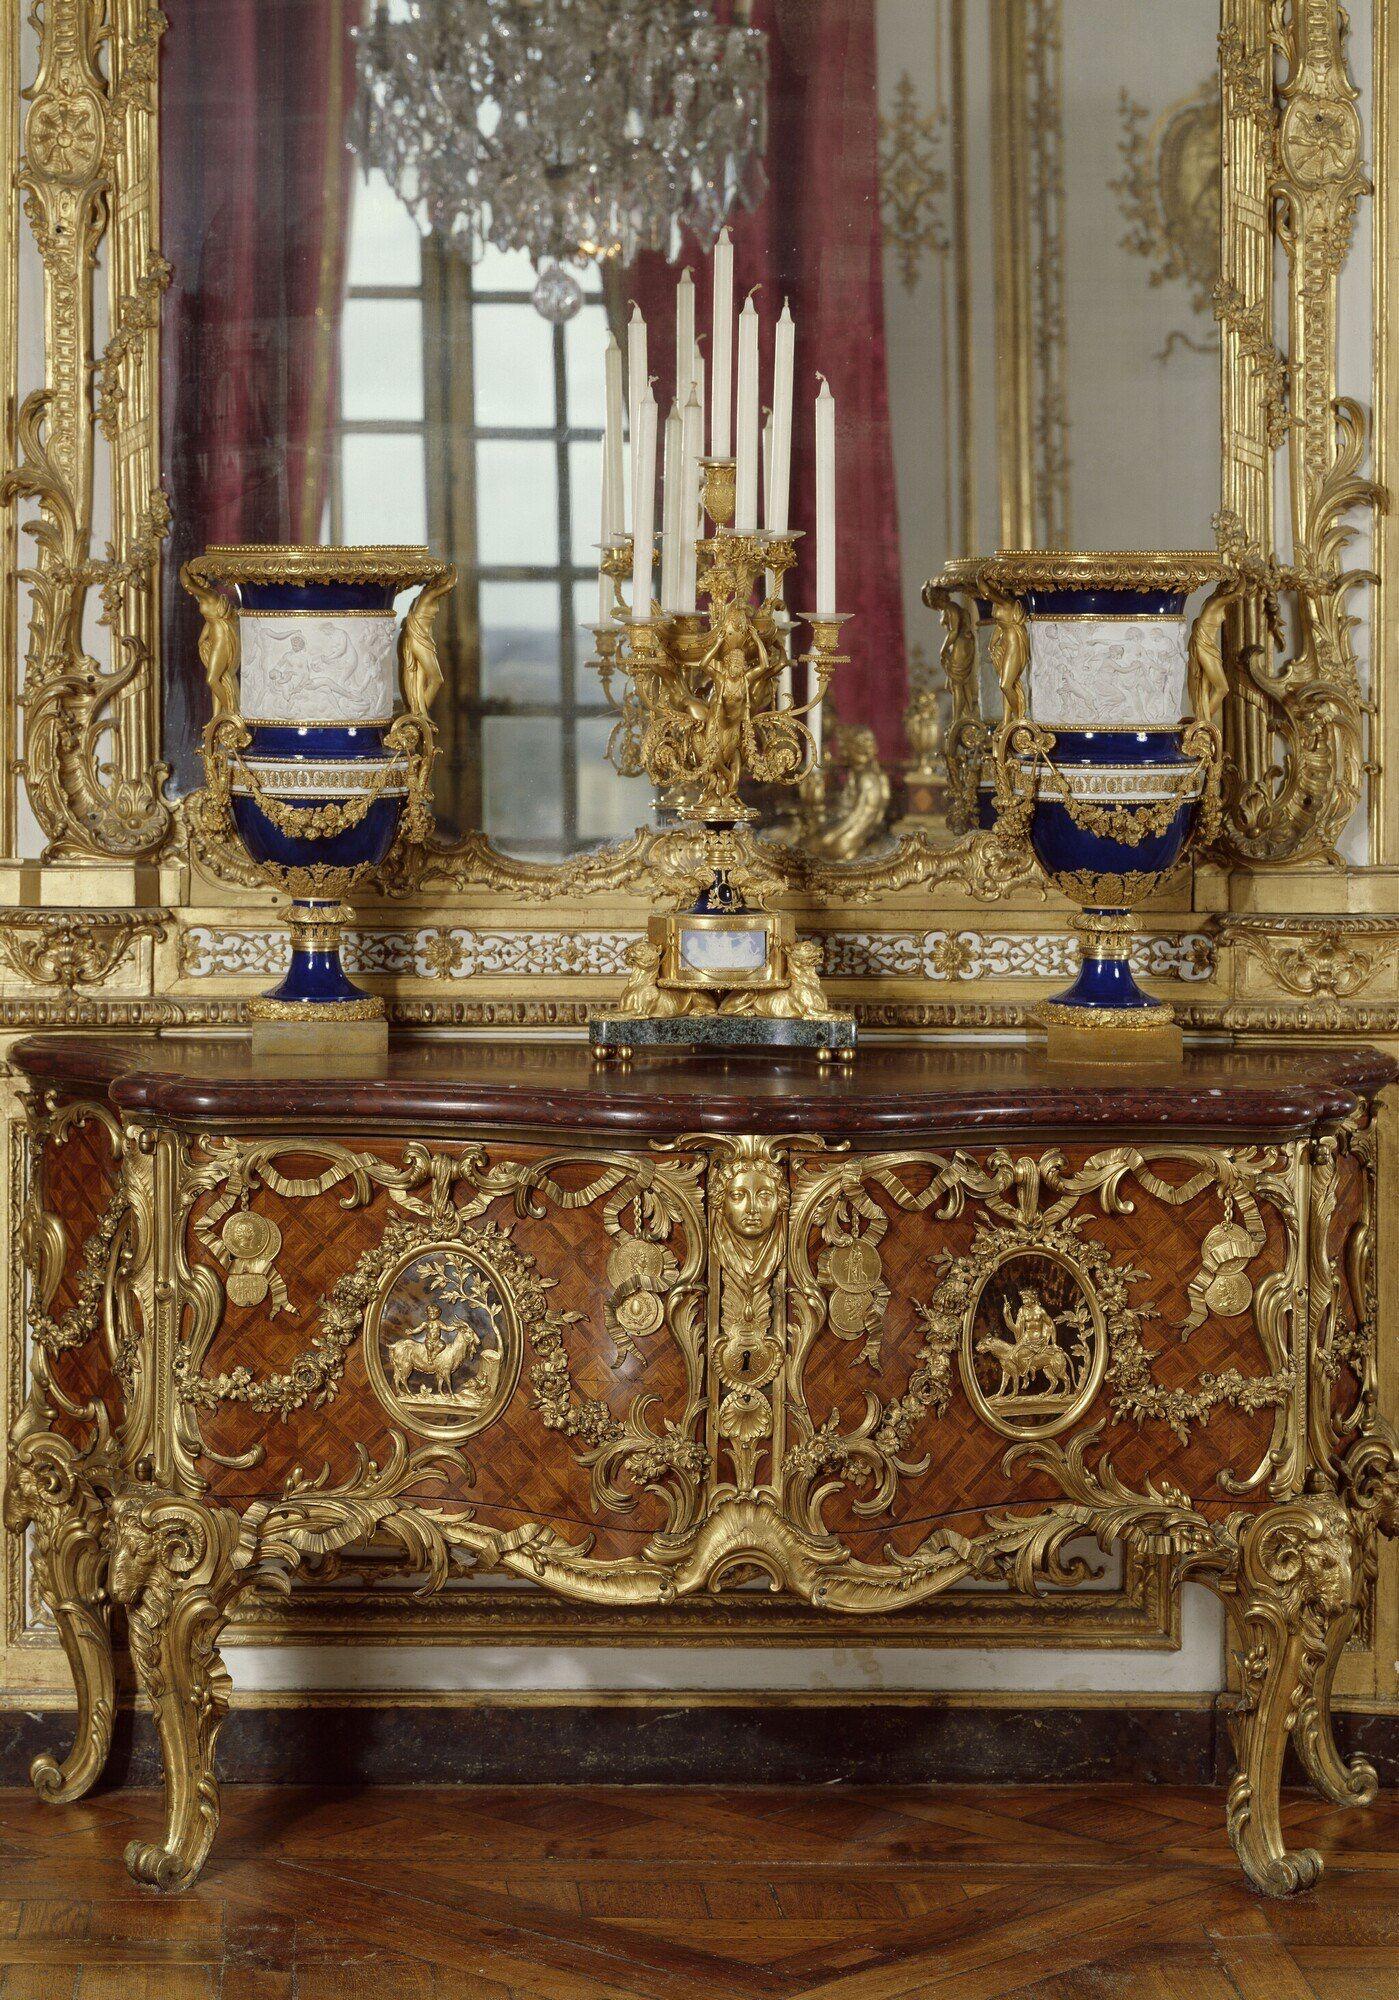 ... Französisches Innenräume, Eingangshallen, Französische Antiquitäten,  Versailles, Französischer Stil, Französische Landhaus Deko, Alte Möbel